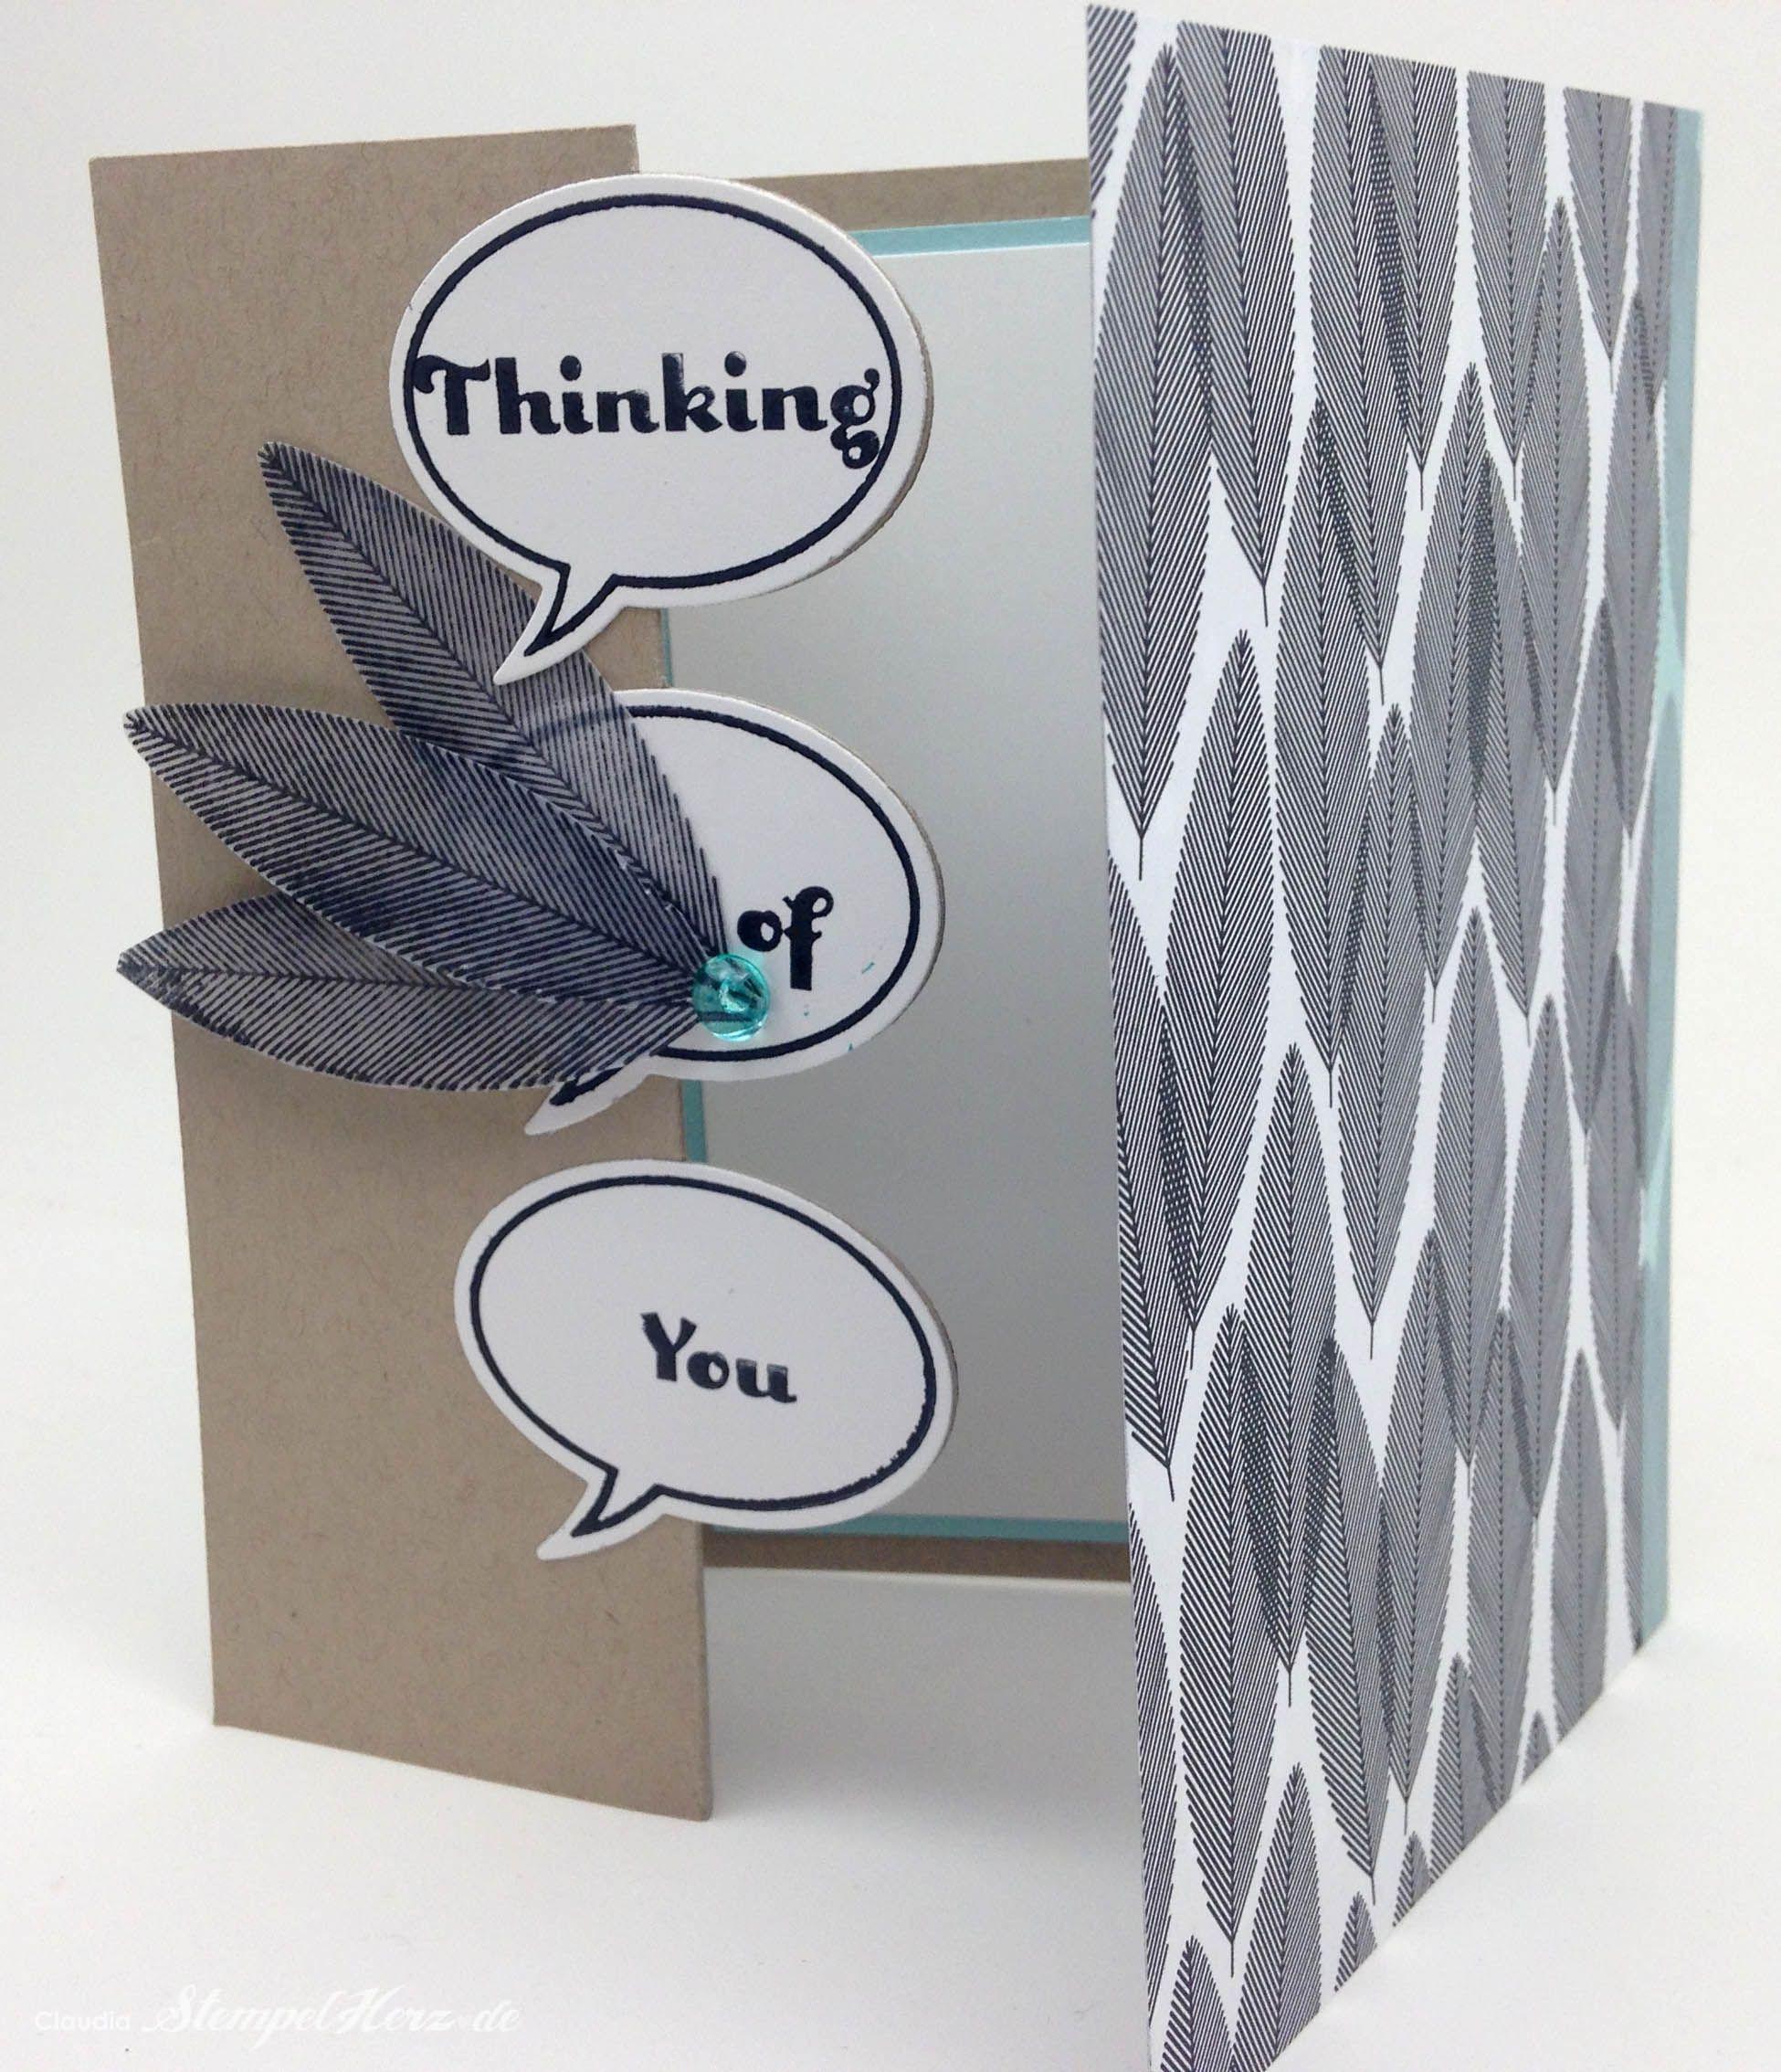 Stampin Up - Stempelherz - Drehkarte - Ganz schön aufgeblasen - Heiteres Hurra - Four You - Designerpapier Schwarz auf Weiß - Drehkarte Thinking of You 04